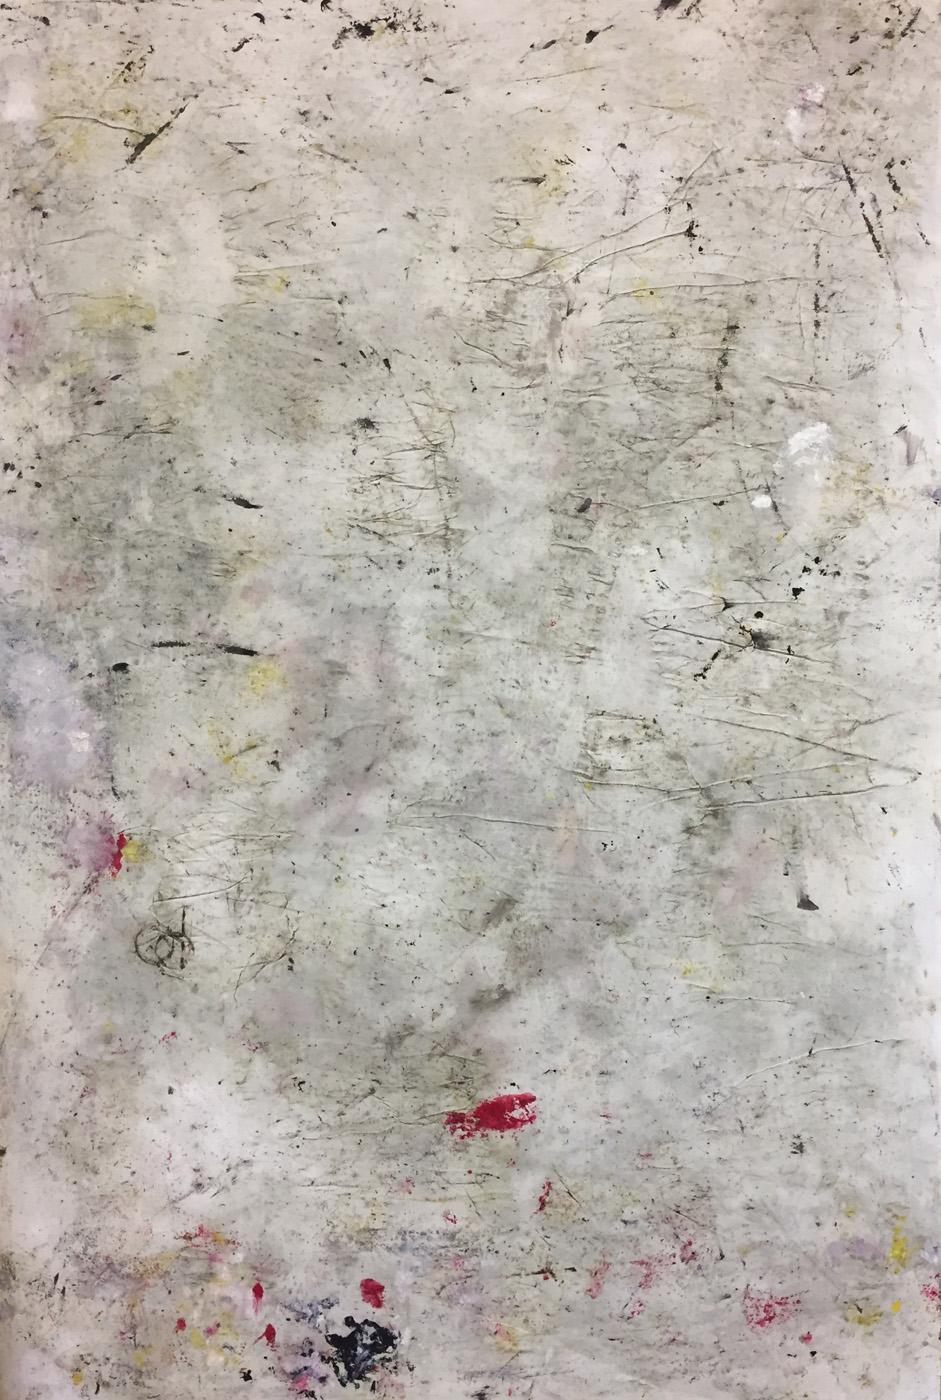 MARC FELD 2019 : 2020 EPISTROPHY 1 ( echo of Thelonius) Huile, pigment et gouache sur papier 89 X 130 cm